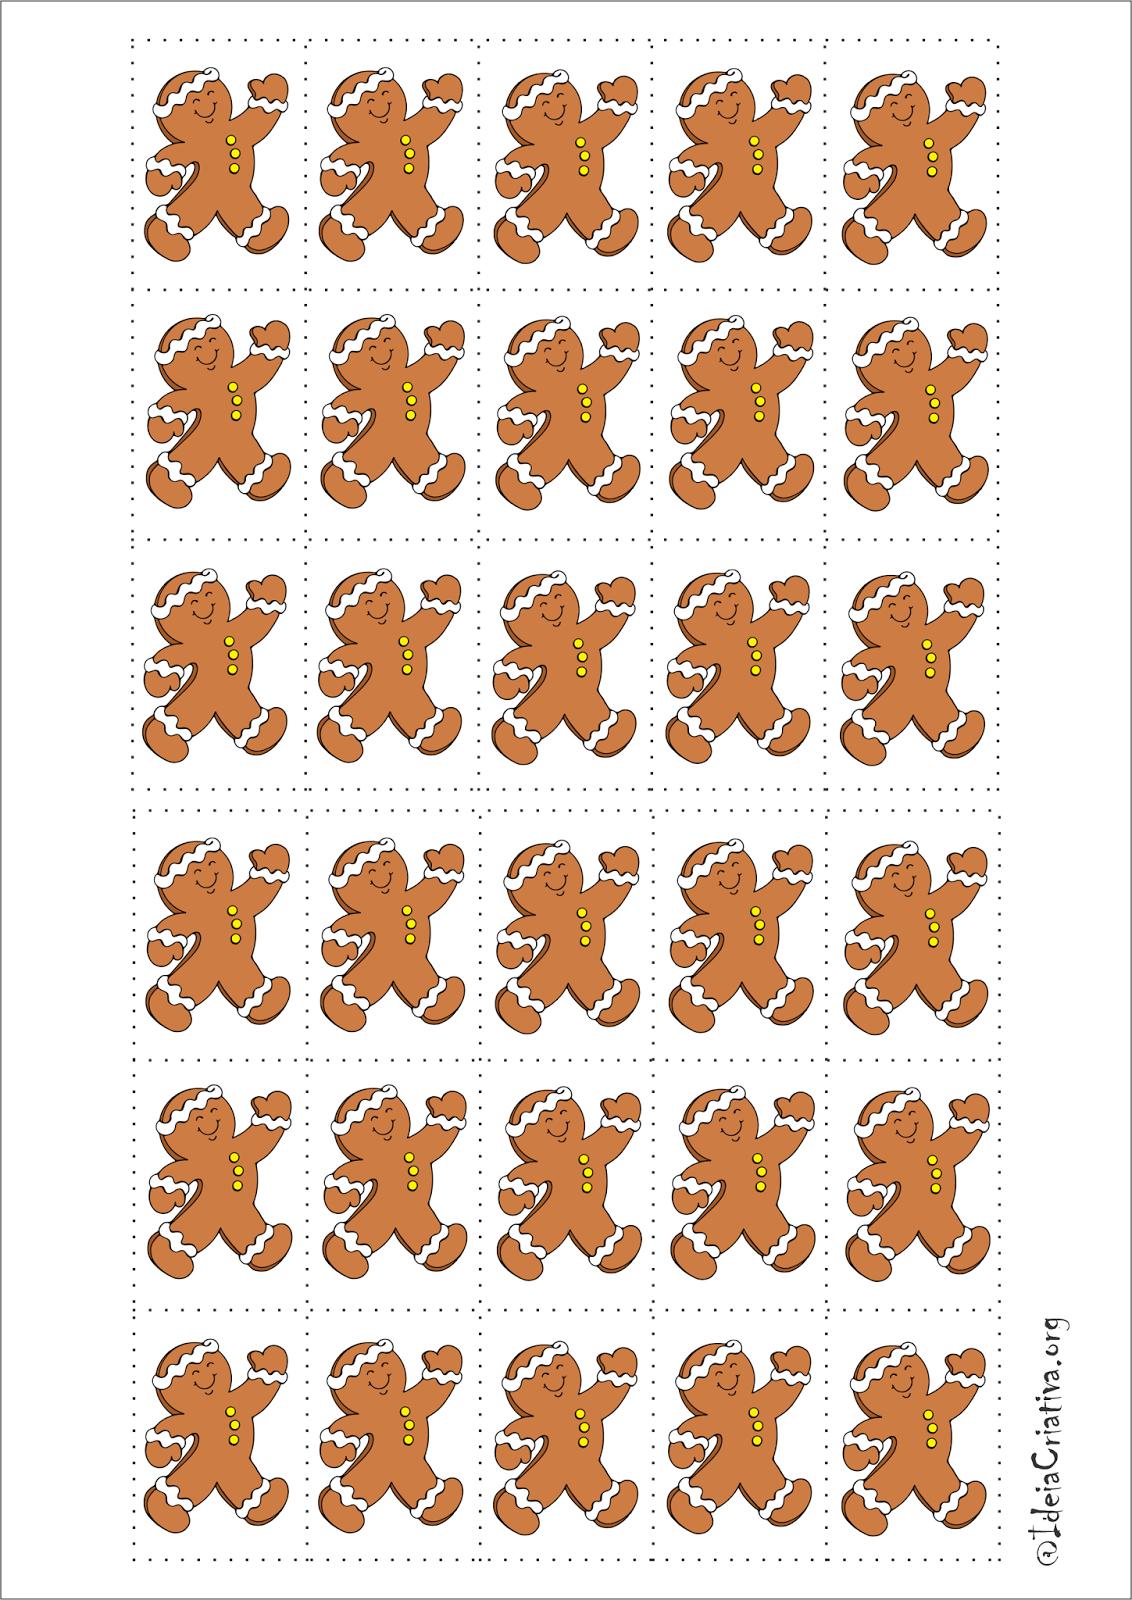 Atividade Natalina Recorte e Colagem com o personagem Gingerbread Man